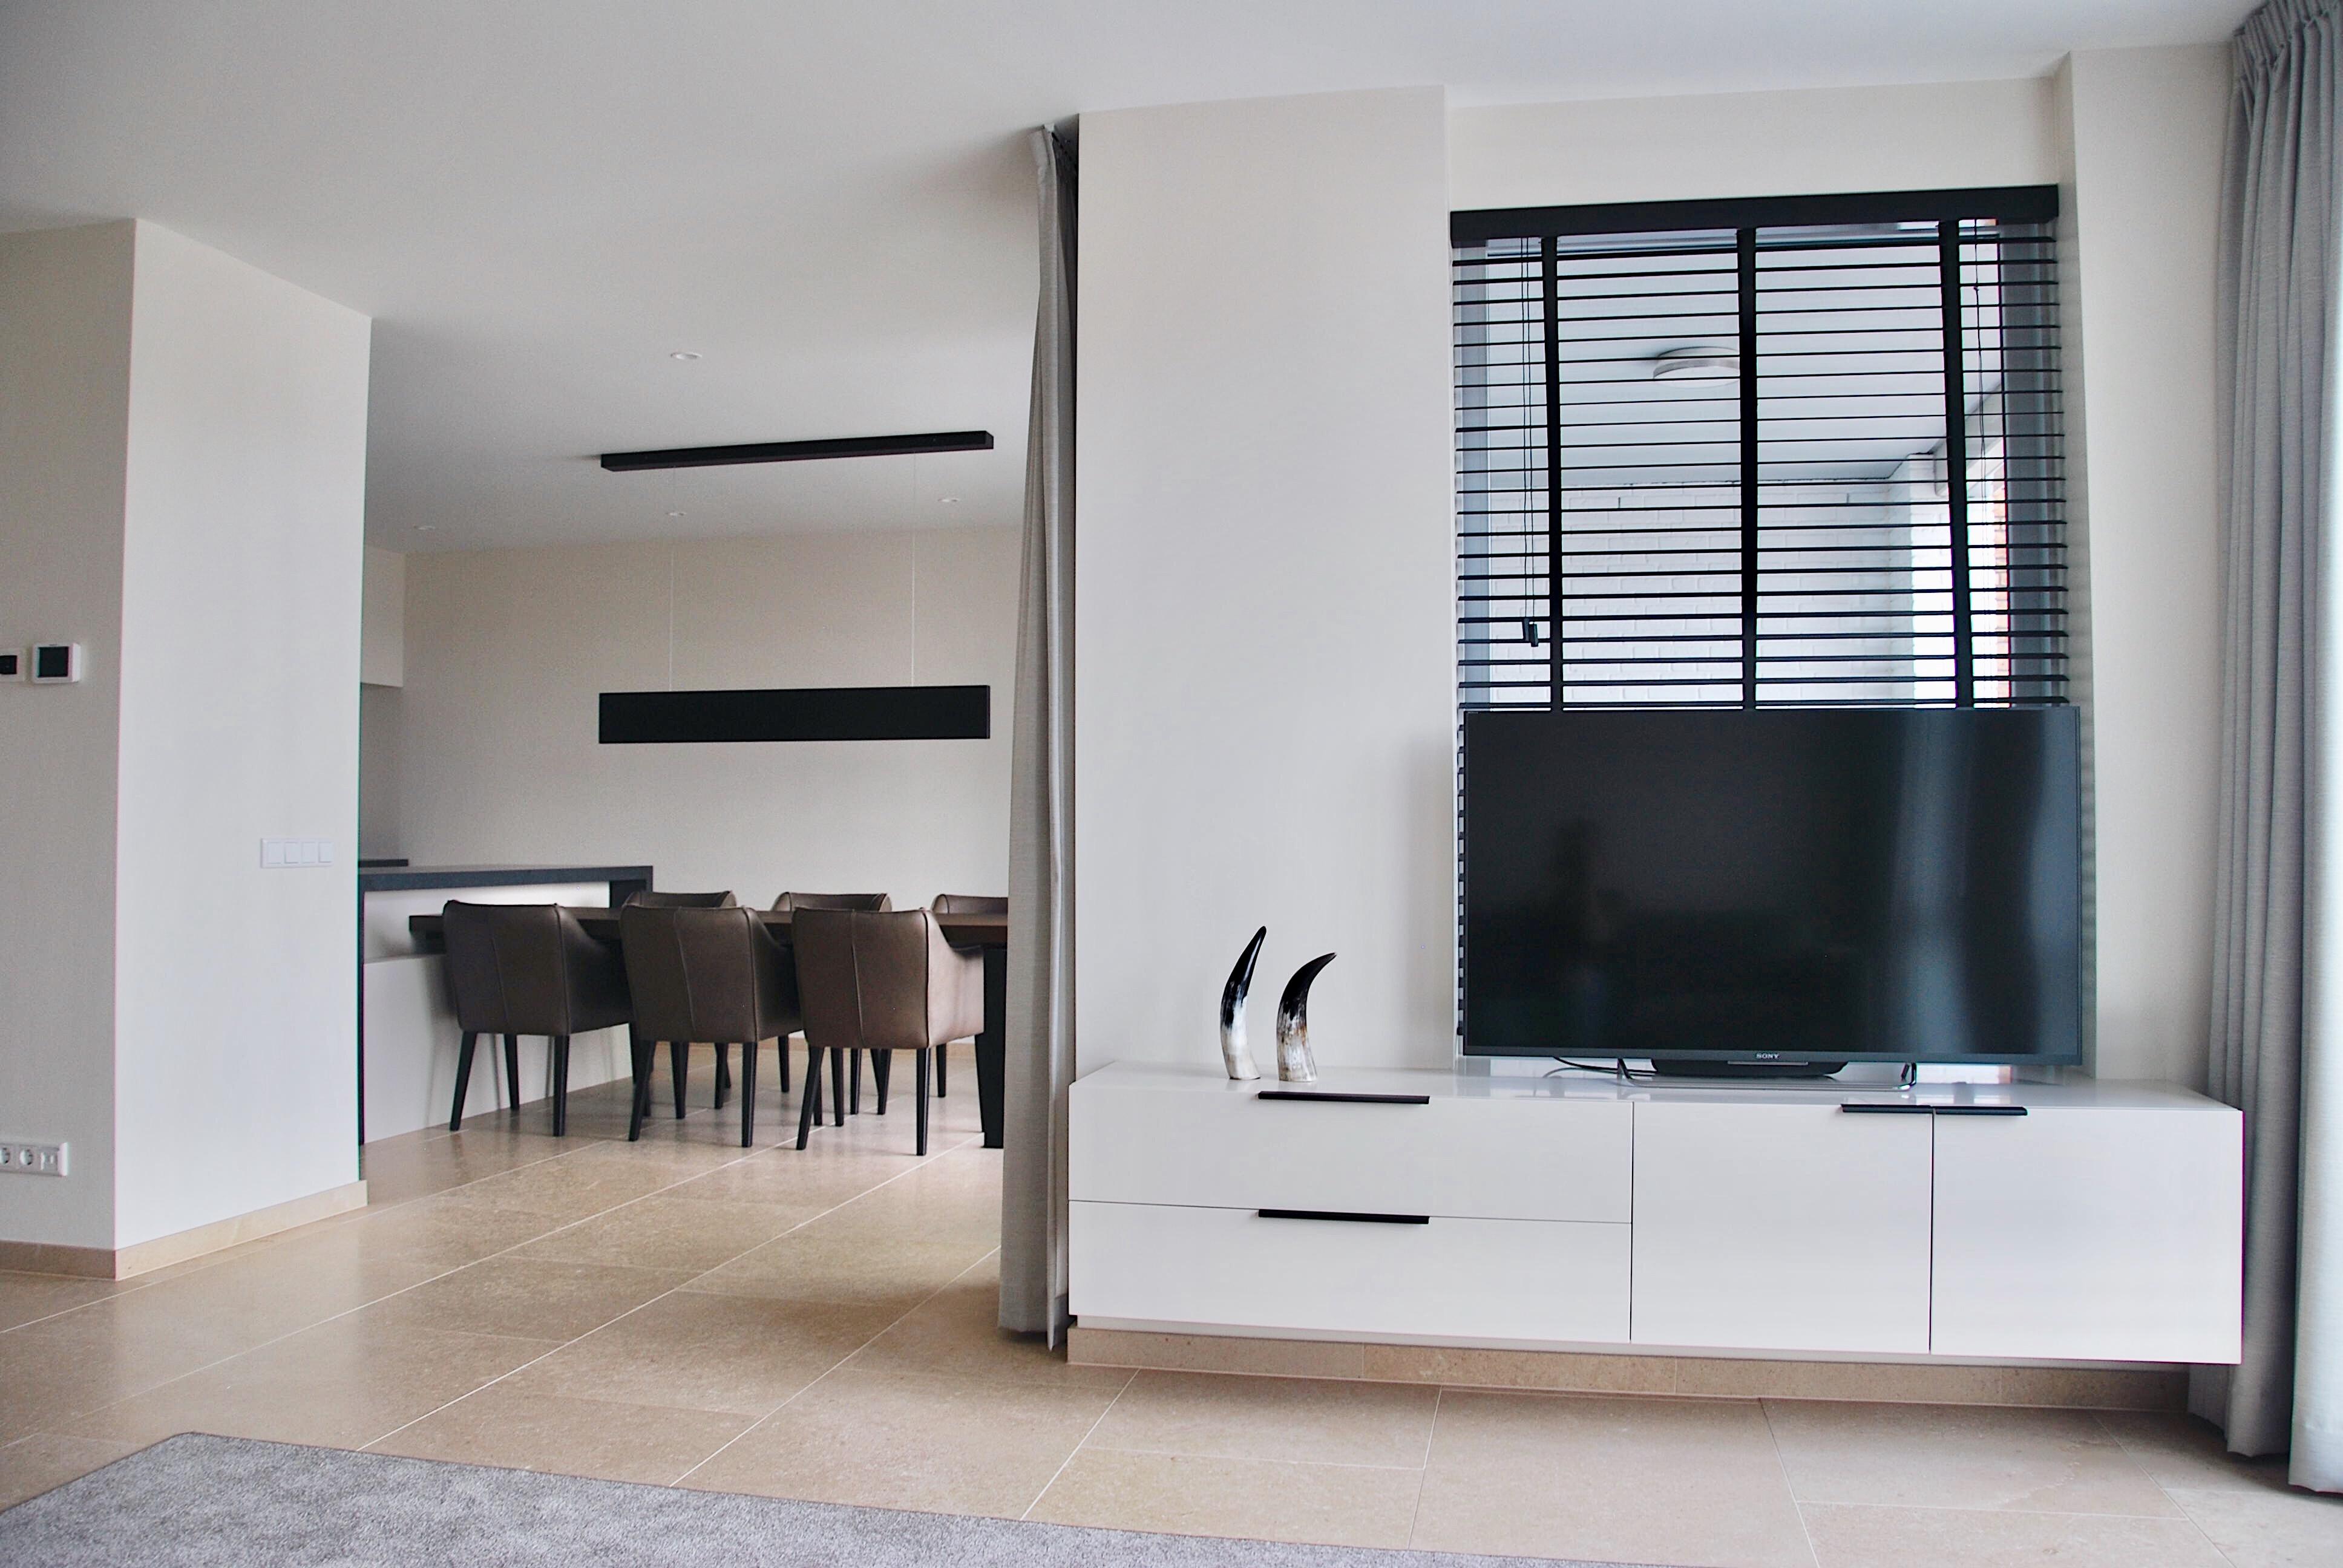 Бюджетный ремонт в однокомнатной квартире минимализм